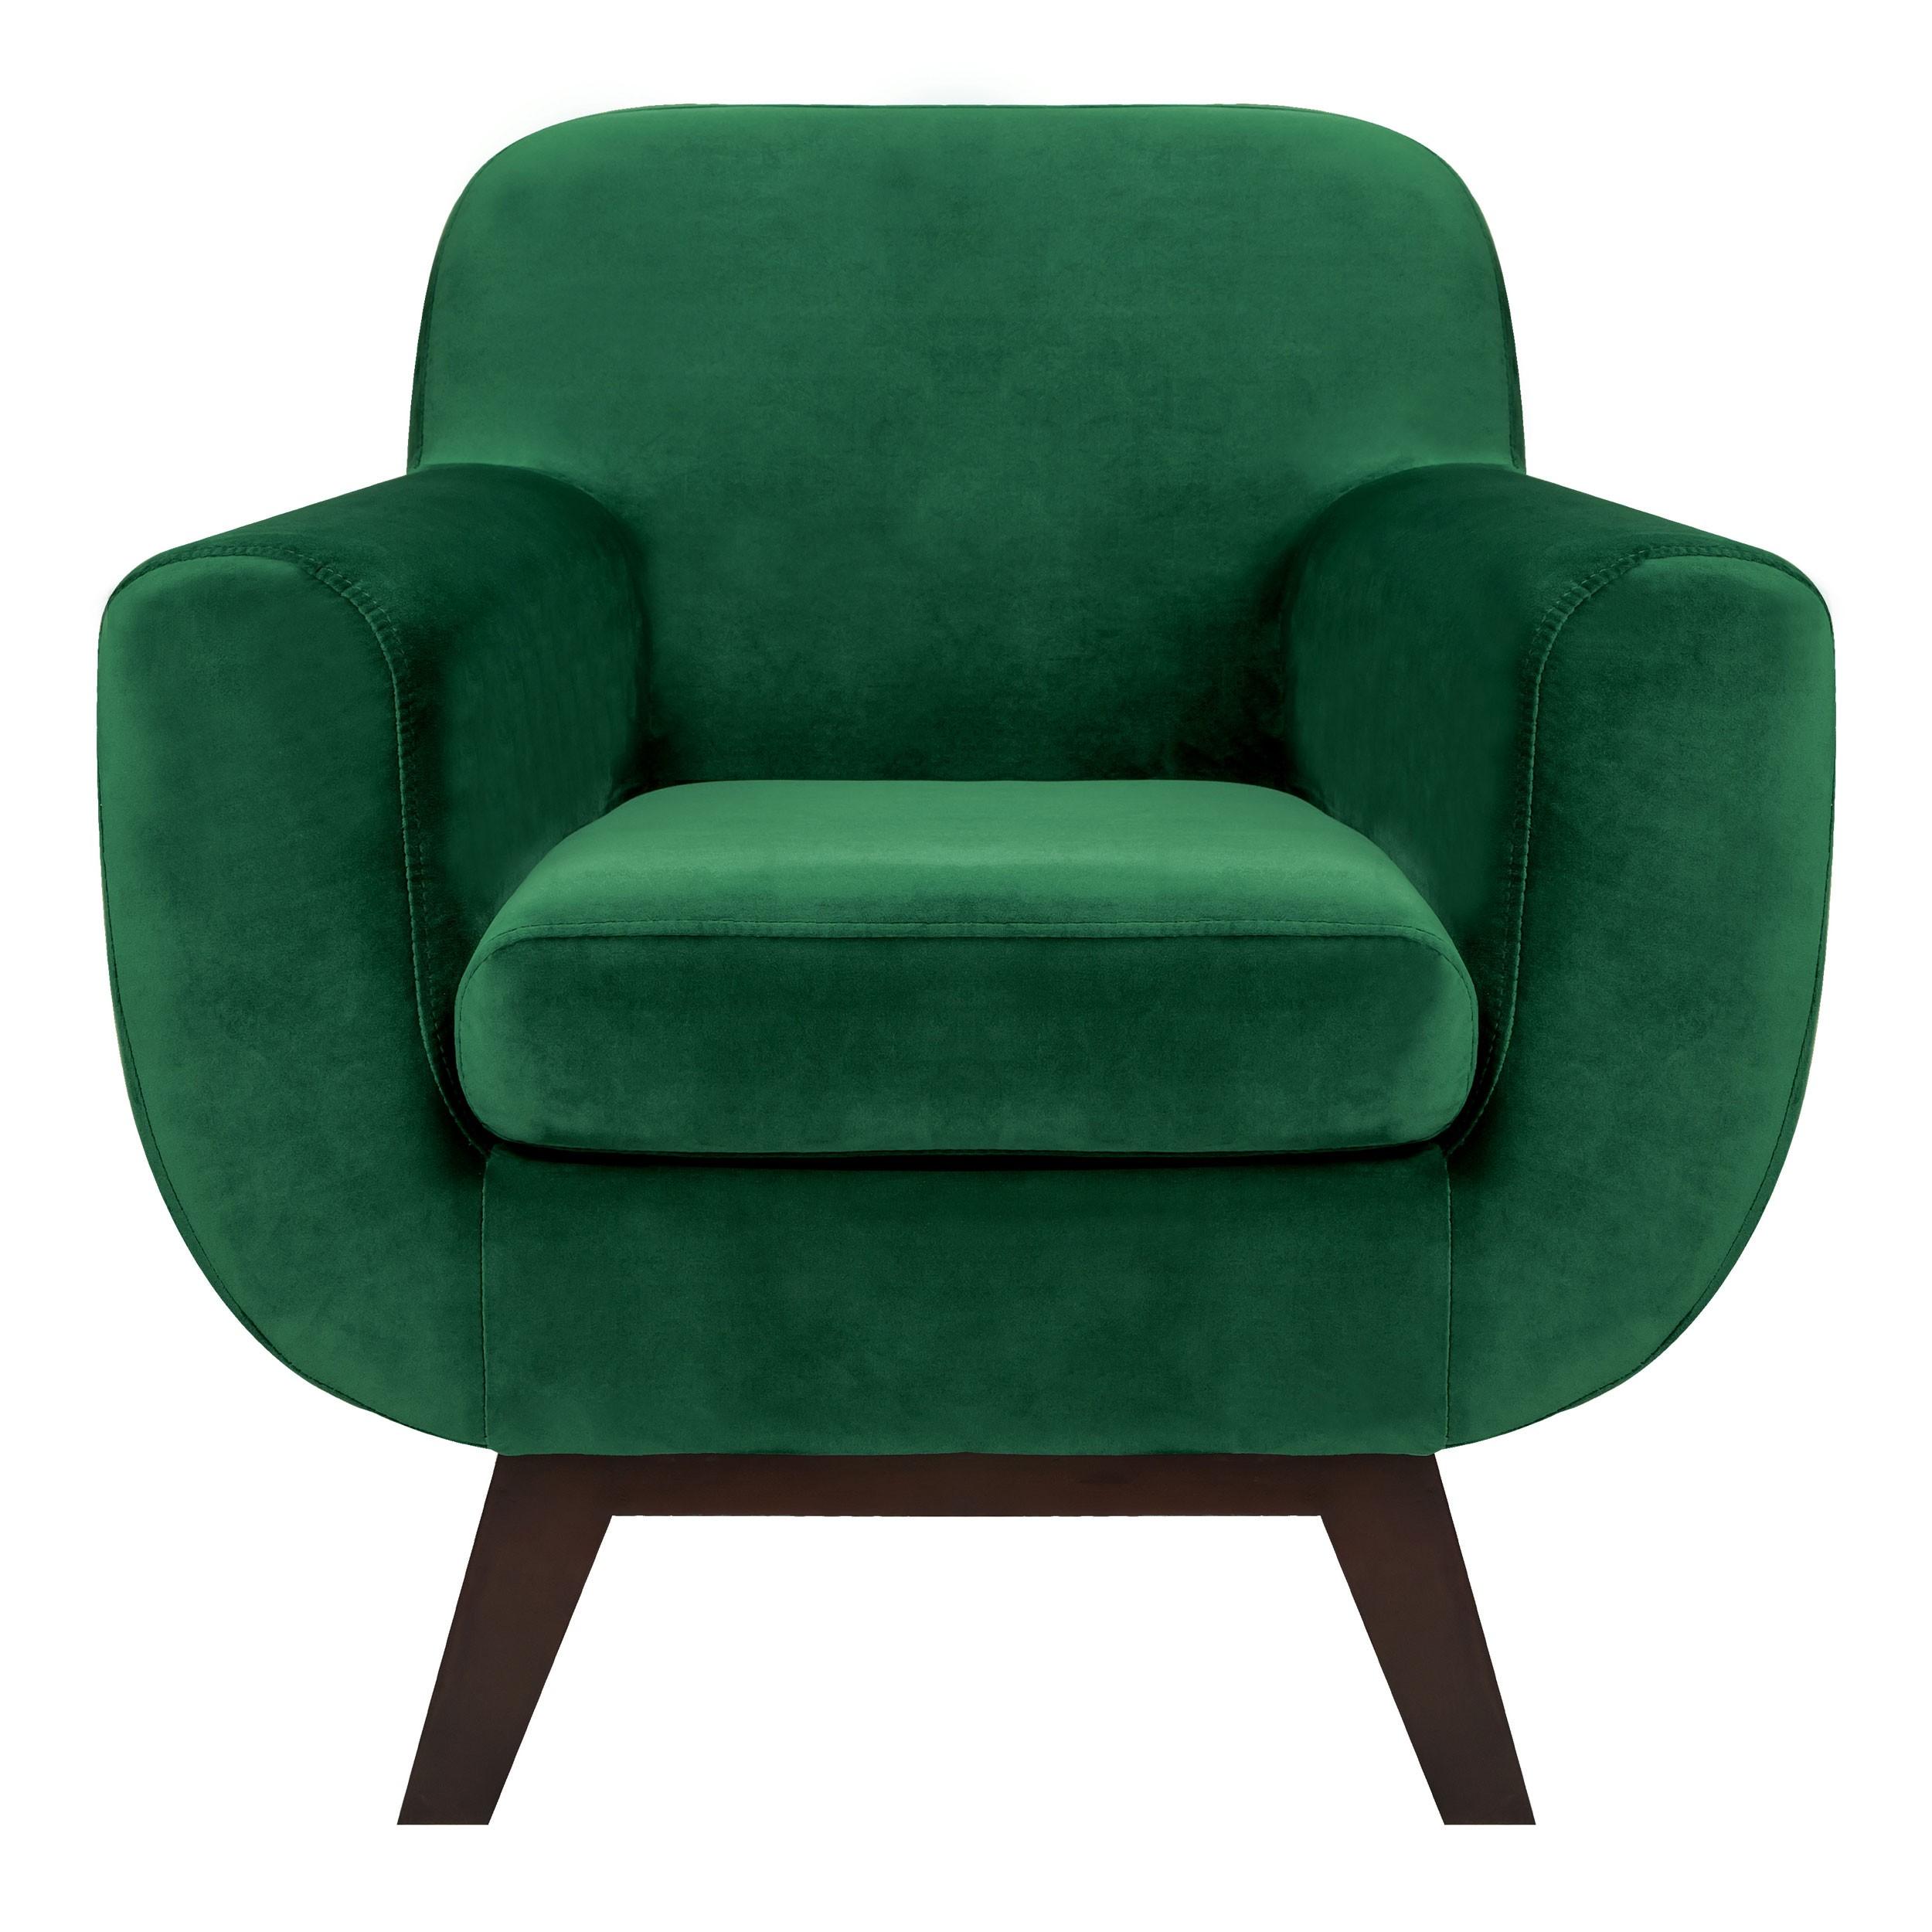 fauteuil copenhague en velours vert achetez les fauteuils copenhague en velours verts design. Black Bedroom Furniture Sets. Home Design Ideas